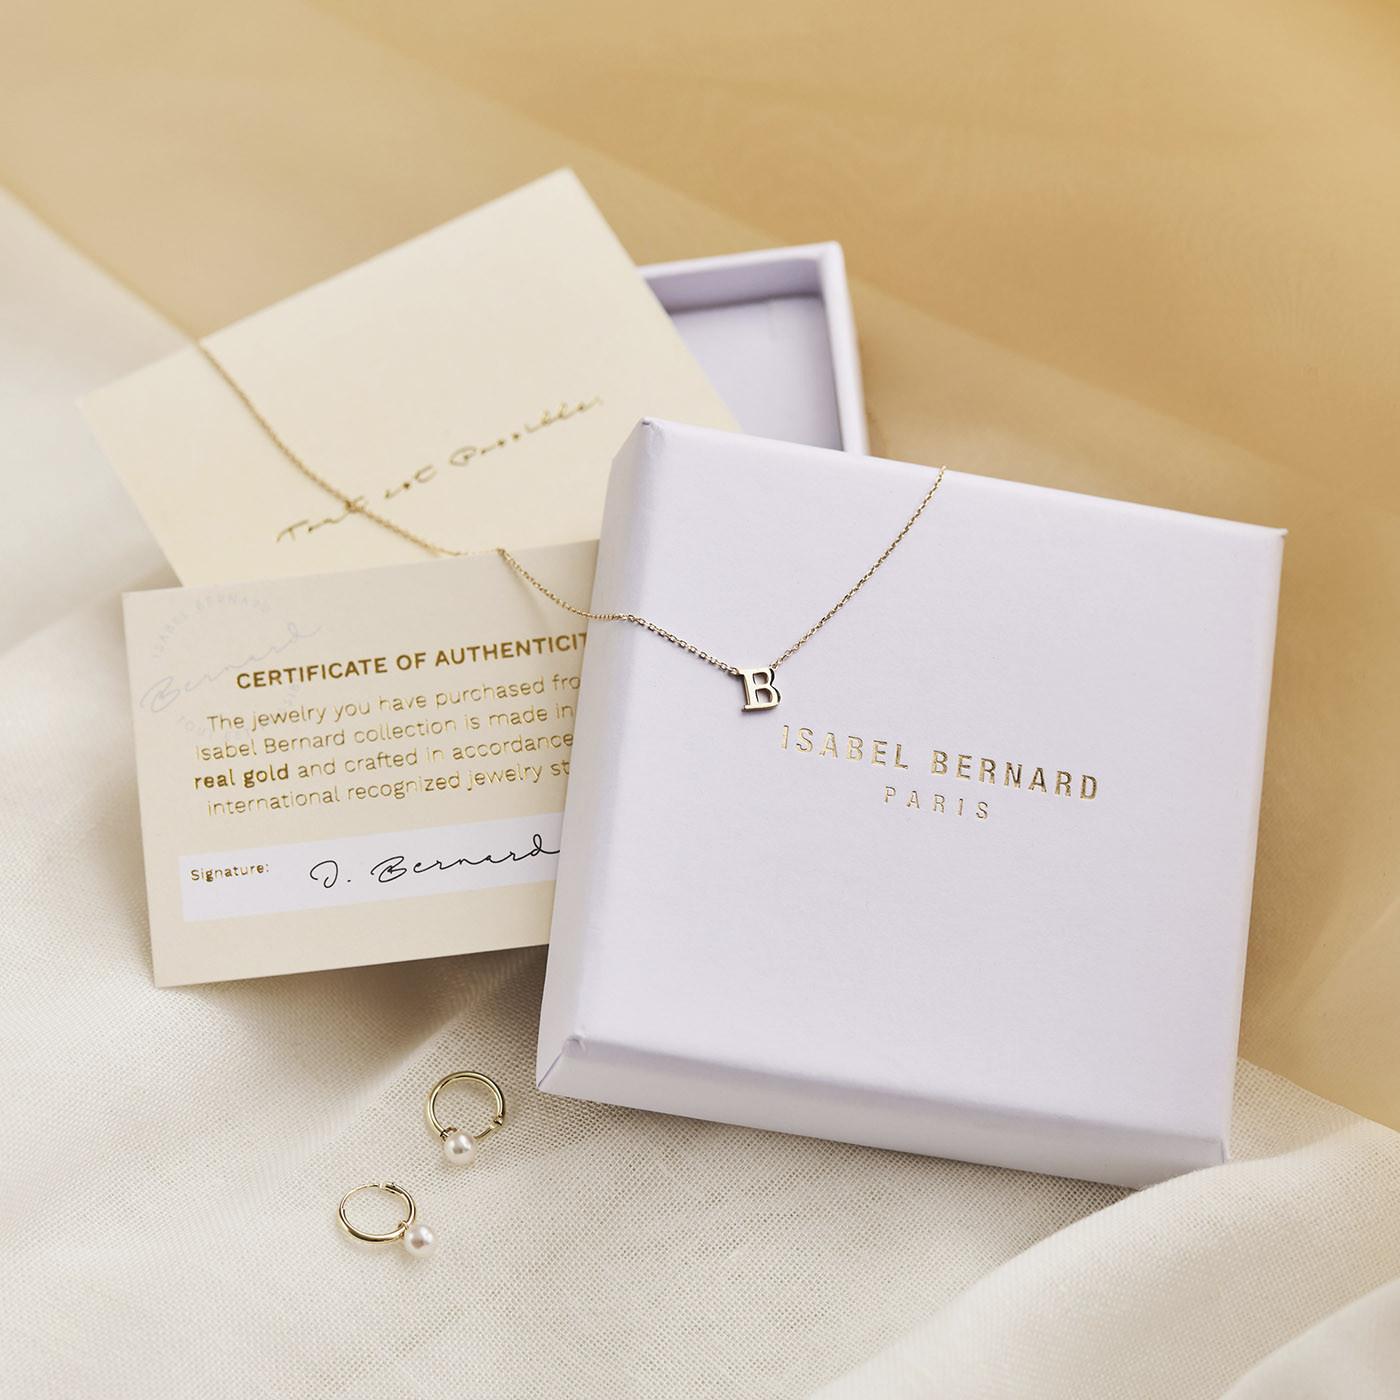 Isabel Bernard La Concorde Rachel 14 karat rose gold initial bracelet with letter